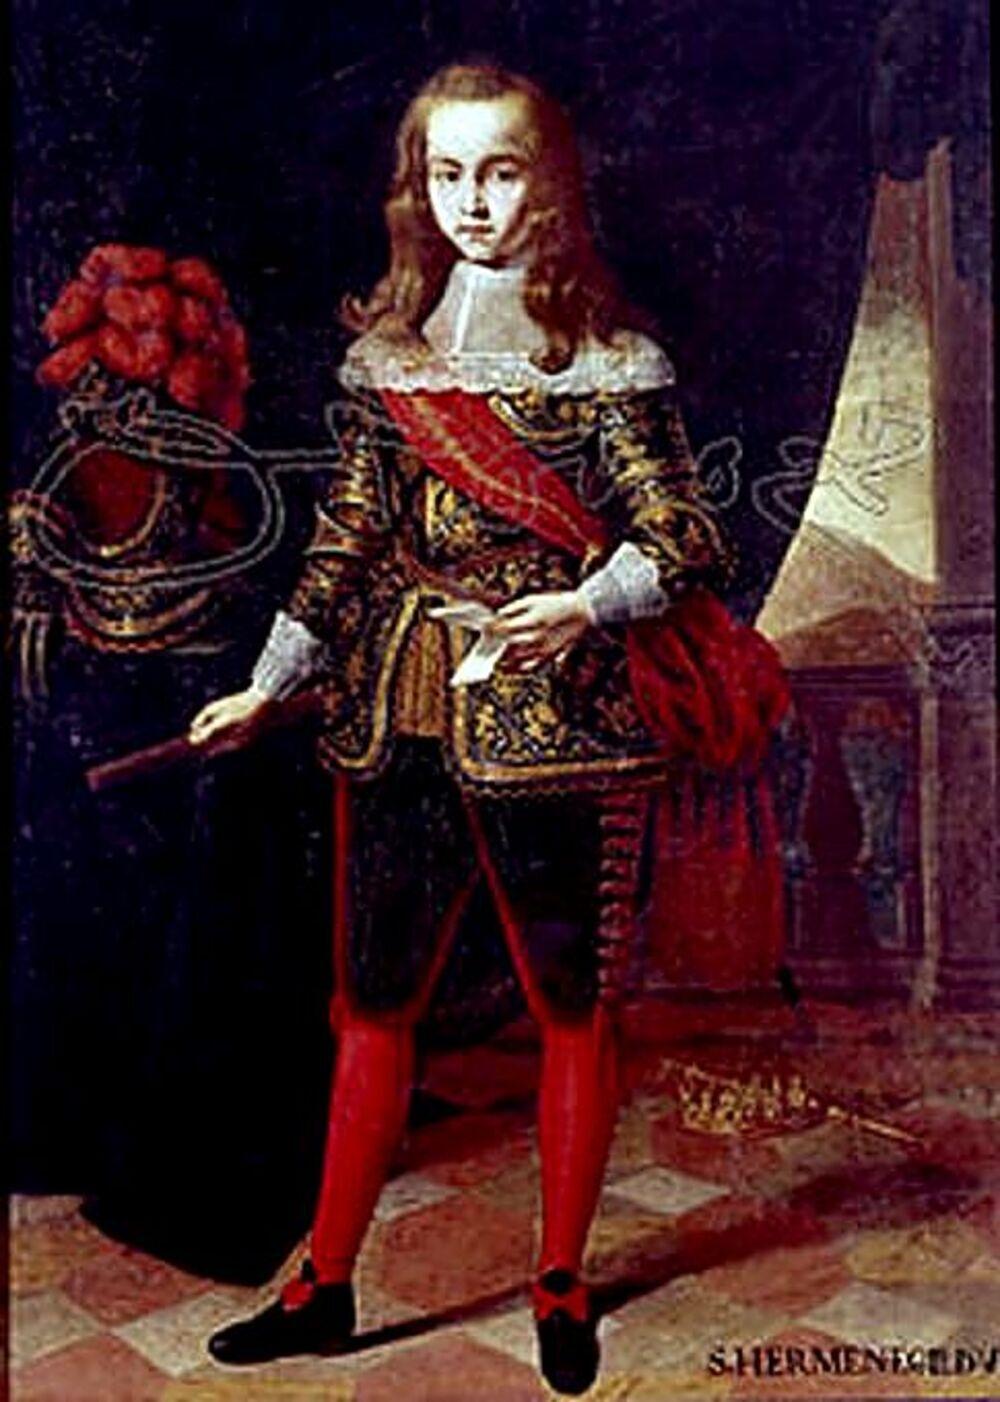 Juan José de Austria fue reconocido por el Rey como su hijo ilegítimo, fruto de una relación extramatrimonial con la actriz.